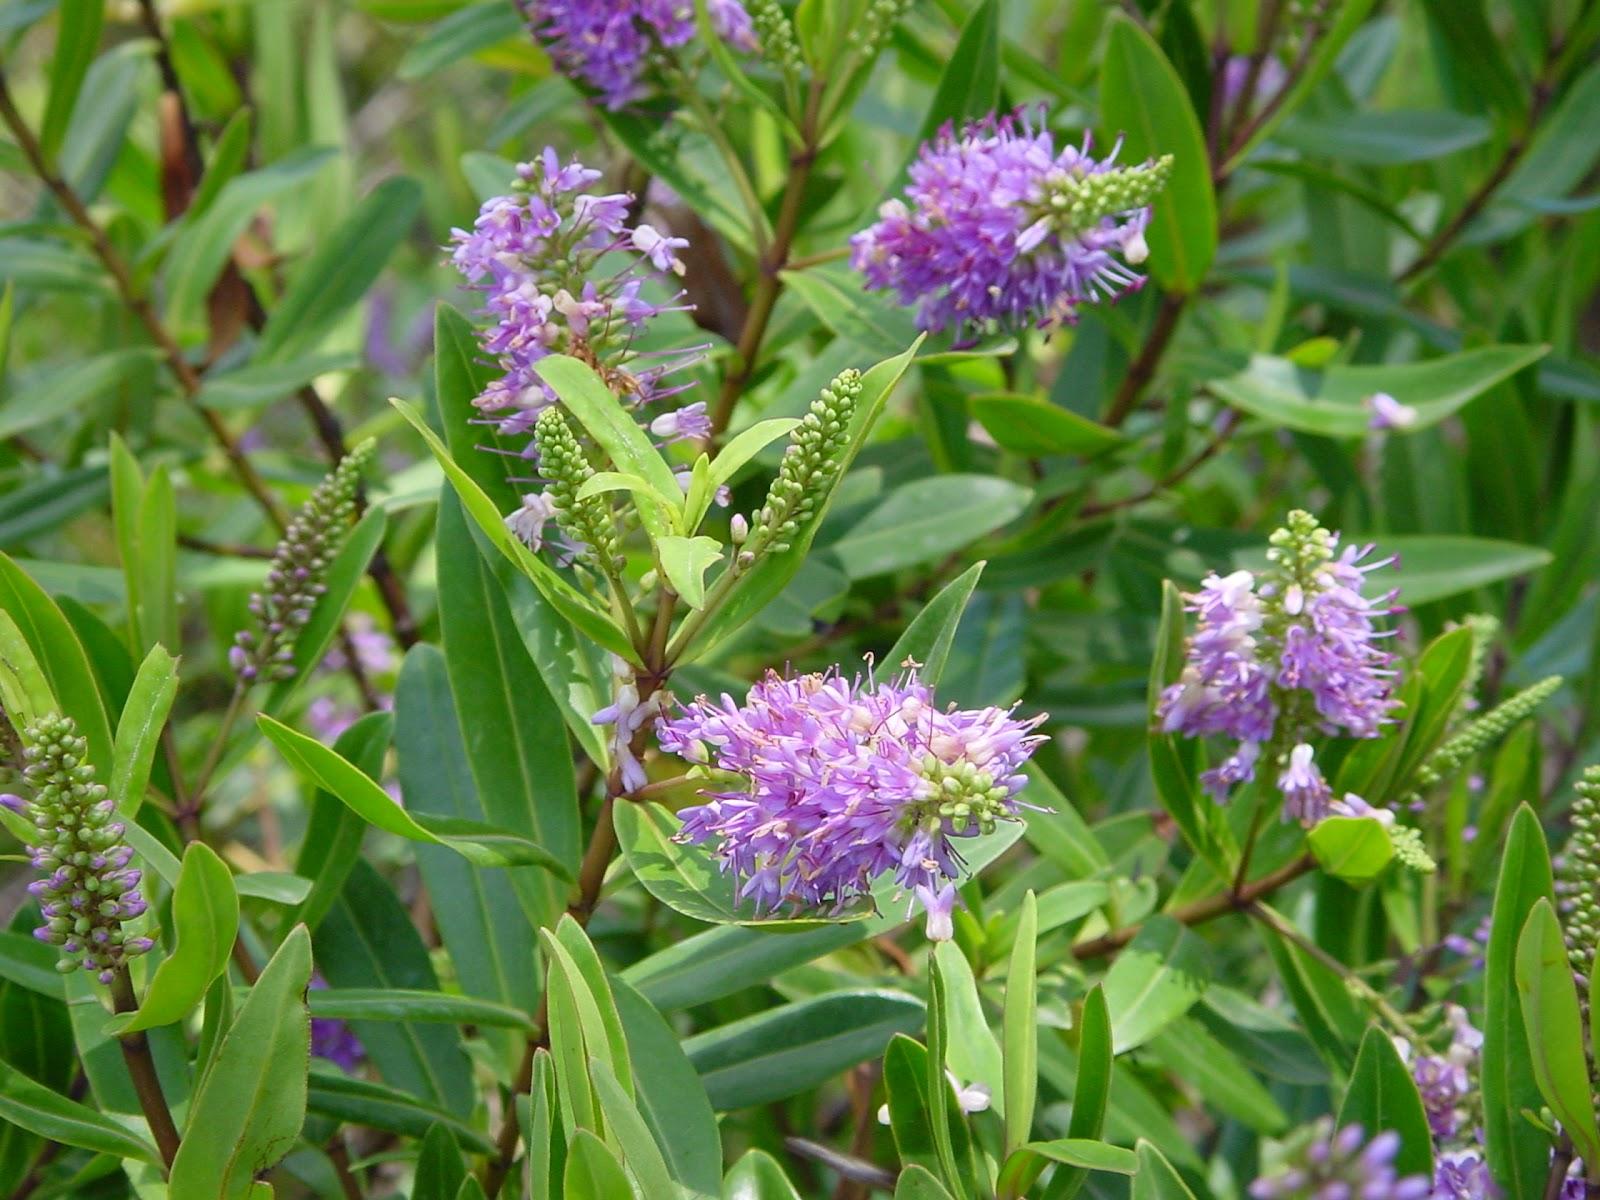 Jardineria eladio nonay jardiner a eladio nonay hebe for Hebe arbusto